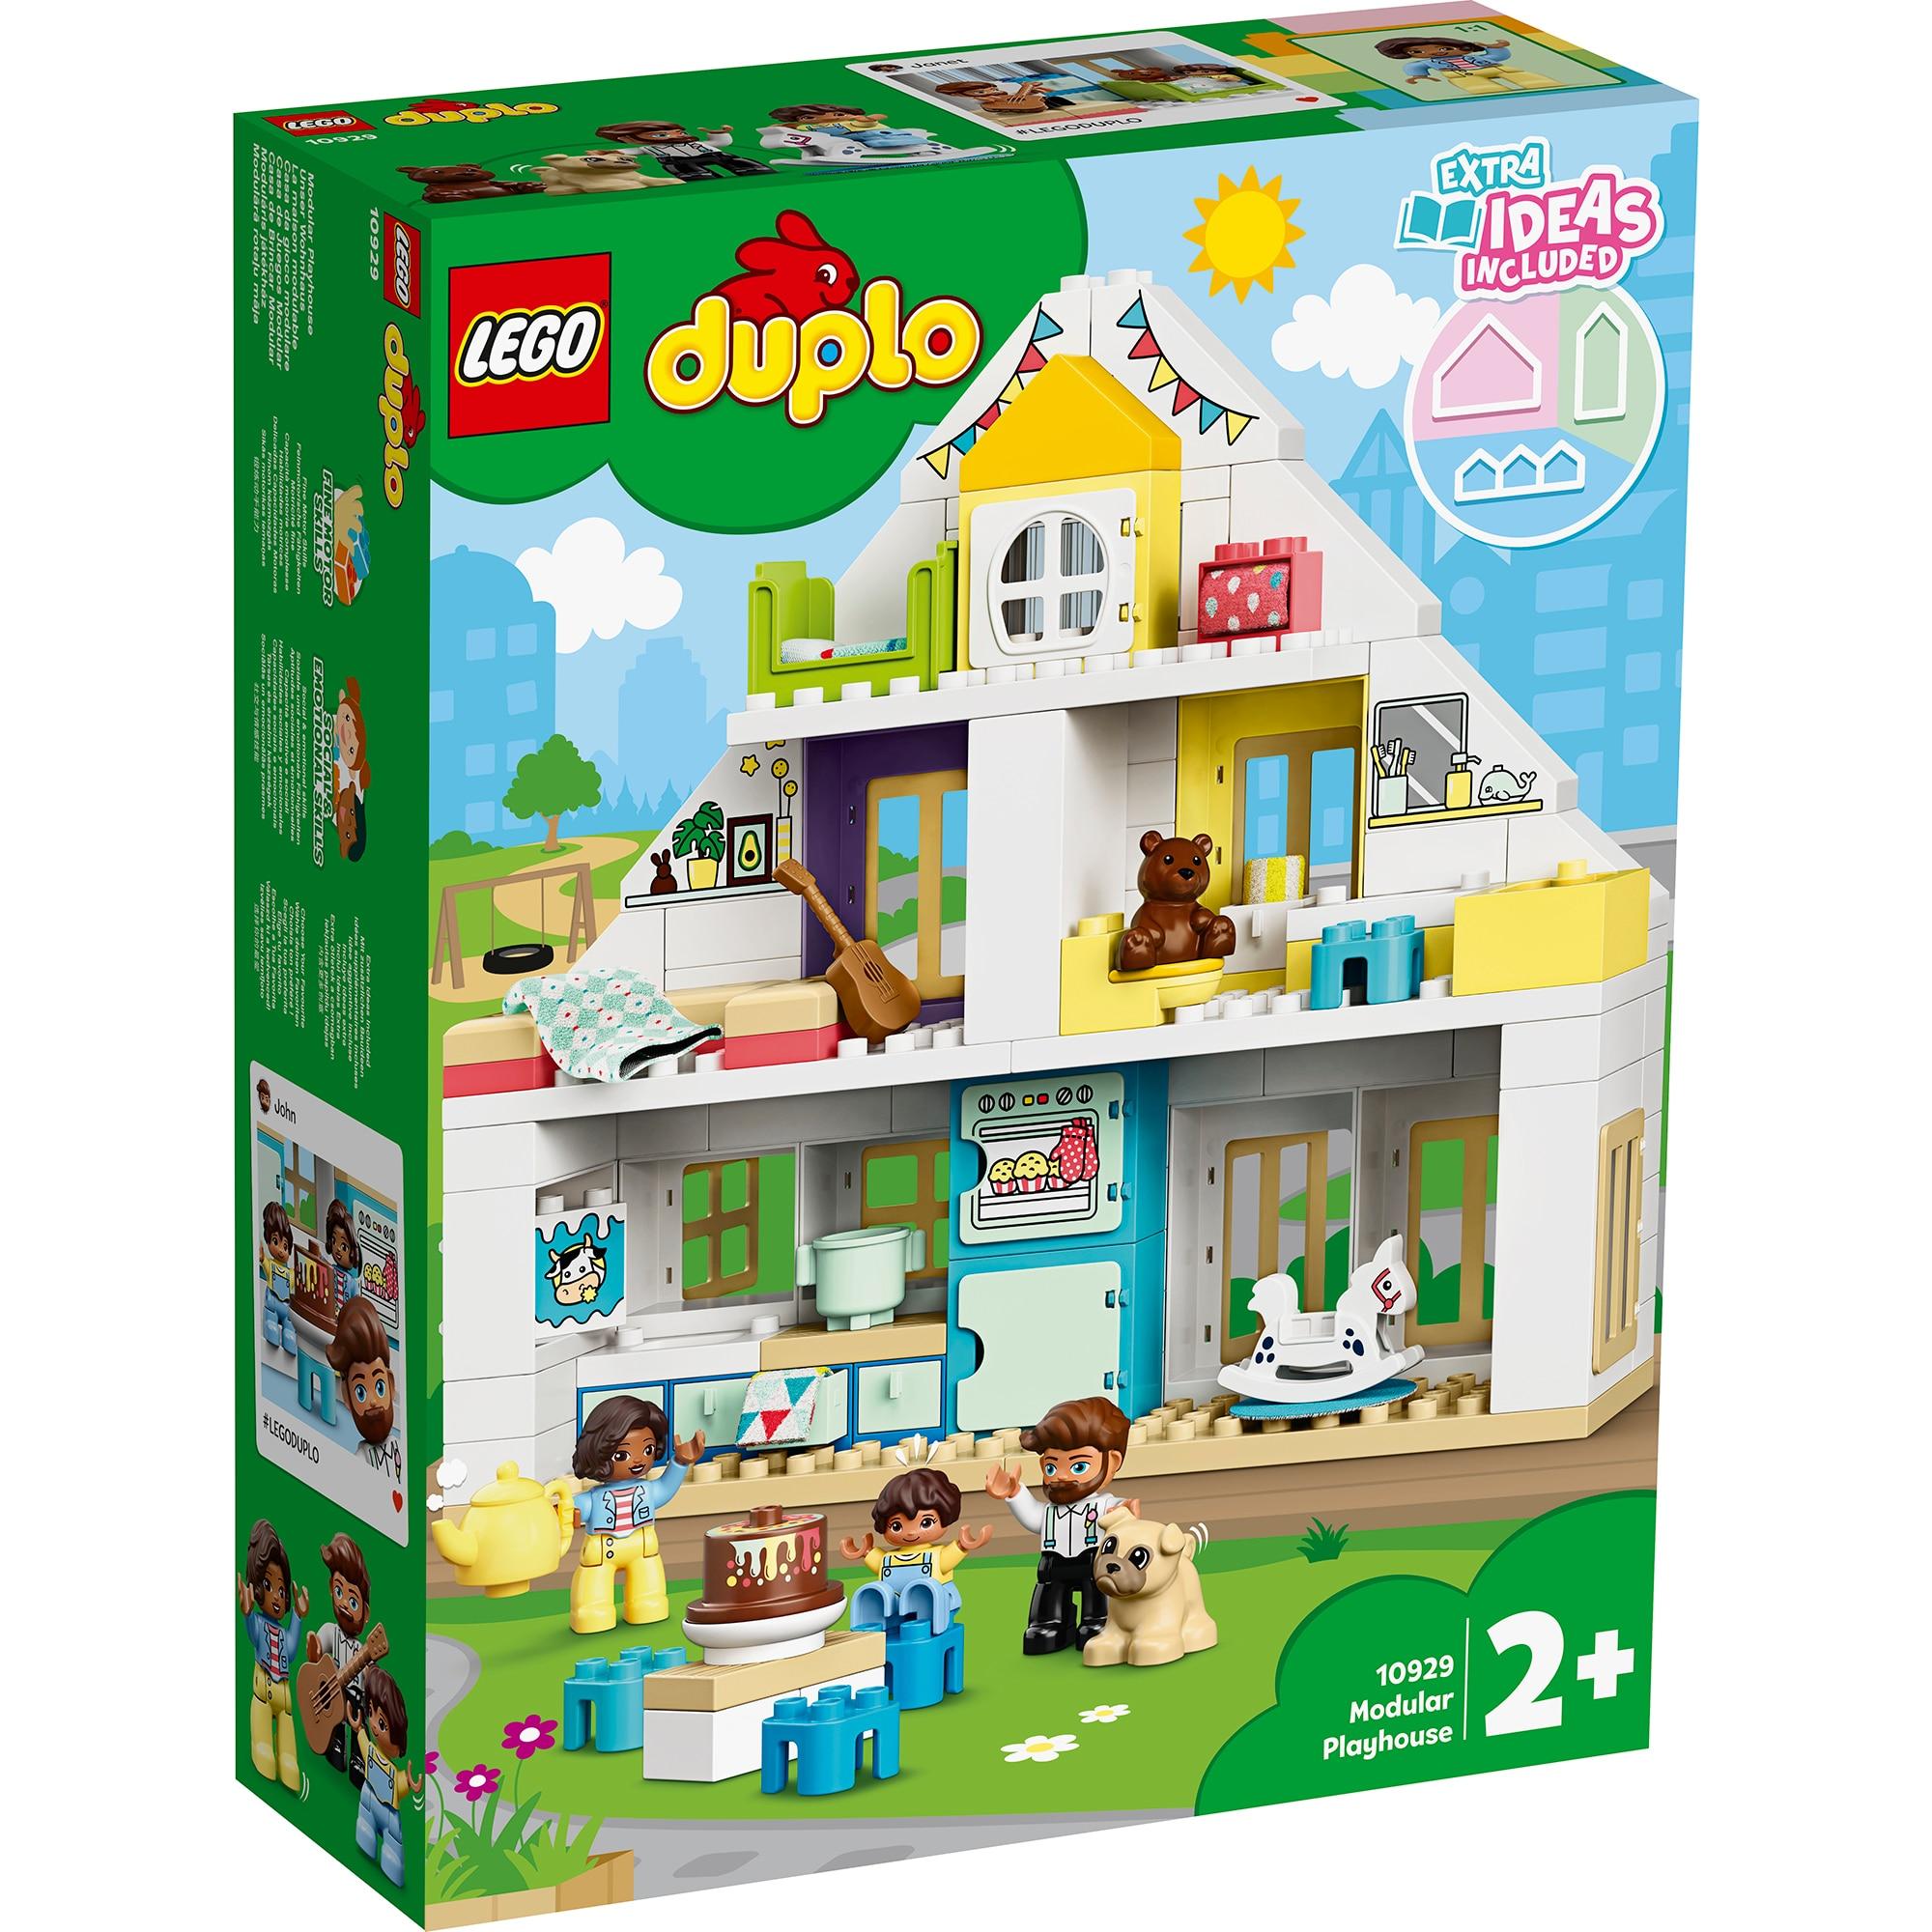 Fotografie LEGO DUPLO - Casa jocurilor 10929, 129 piese